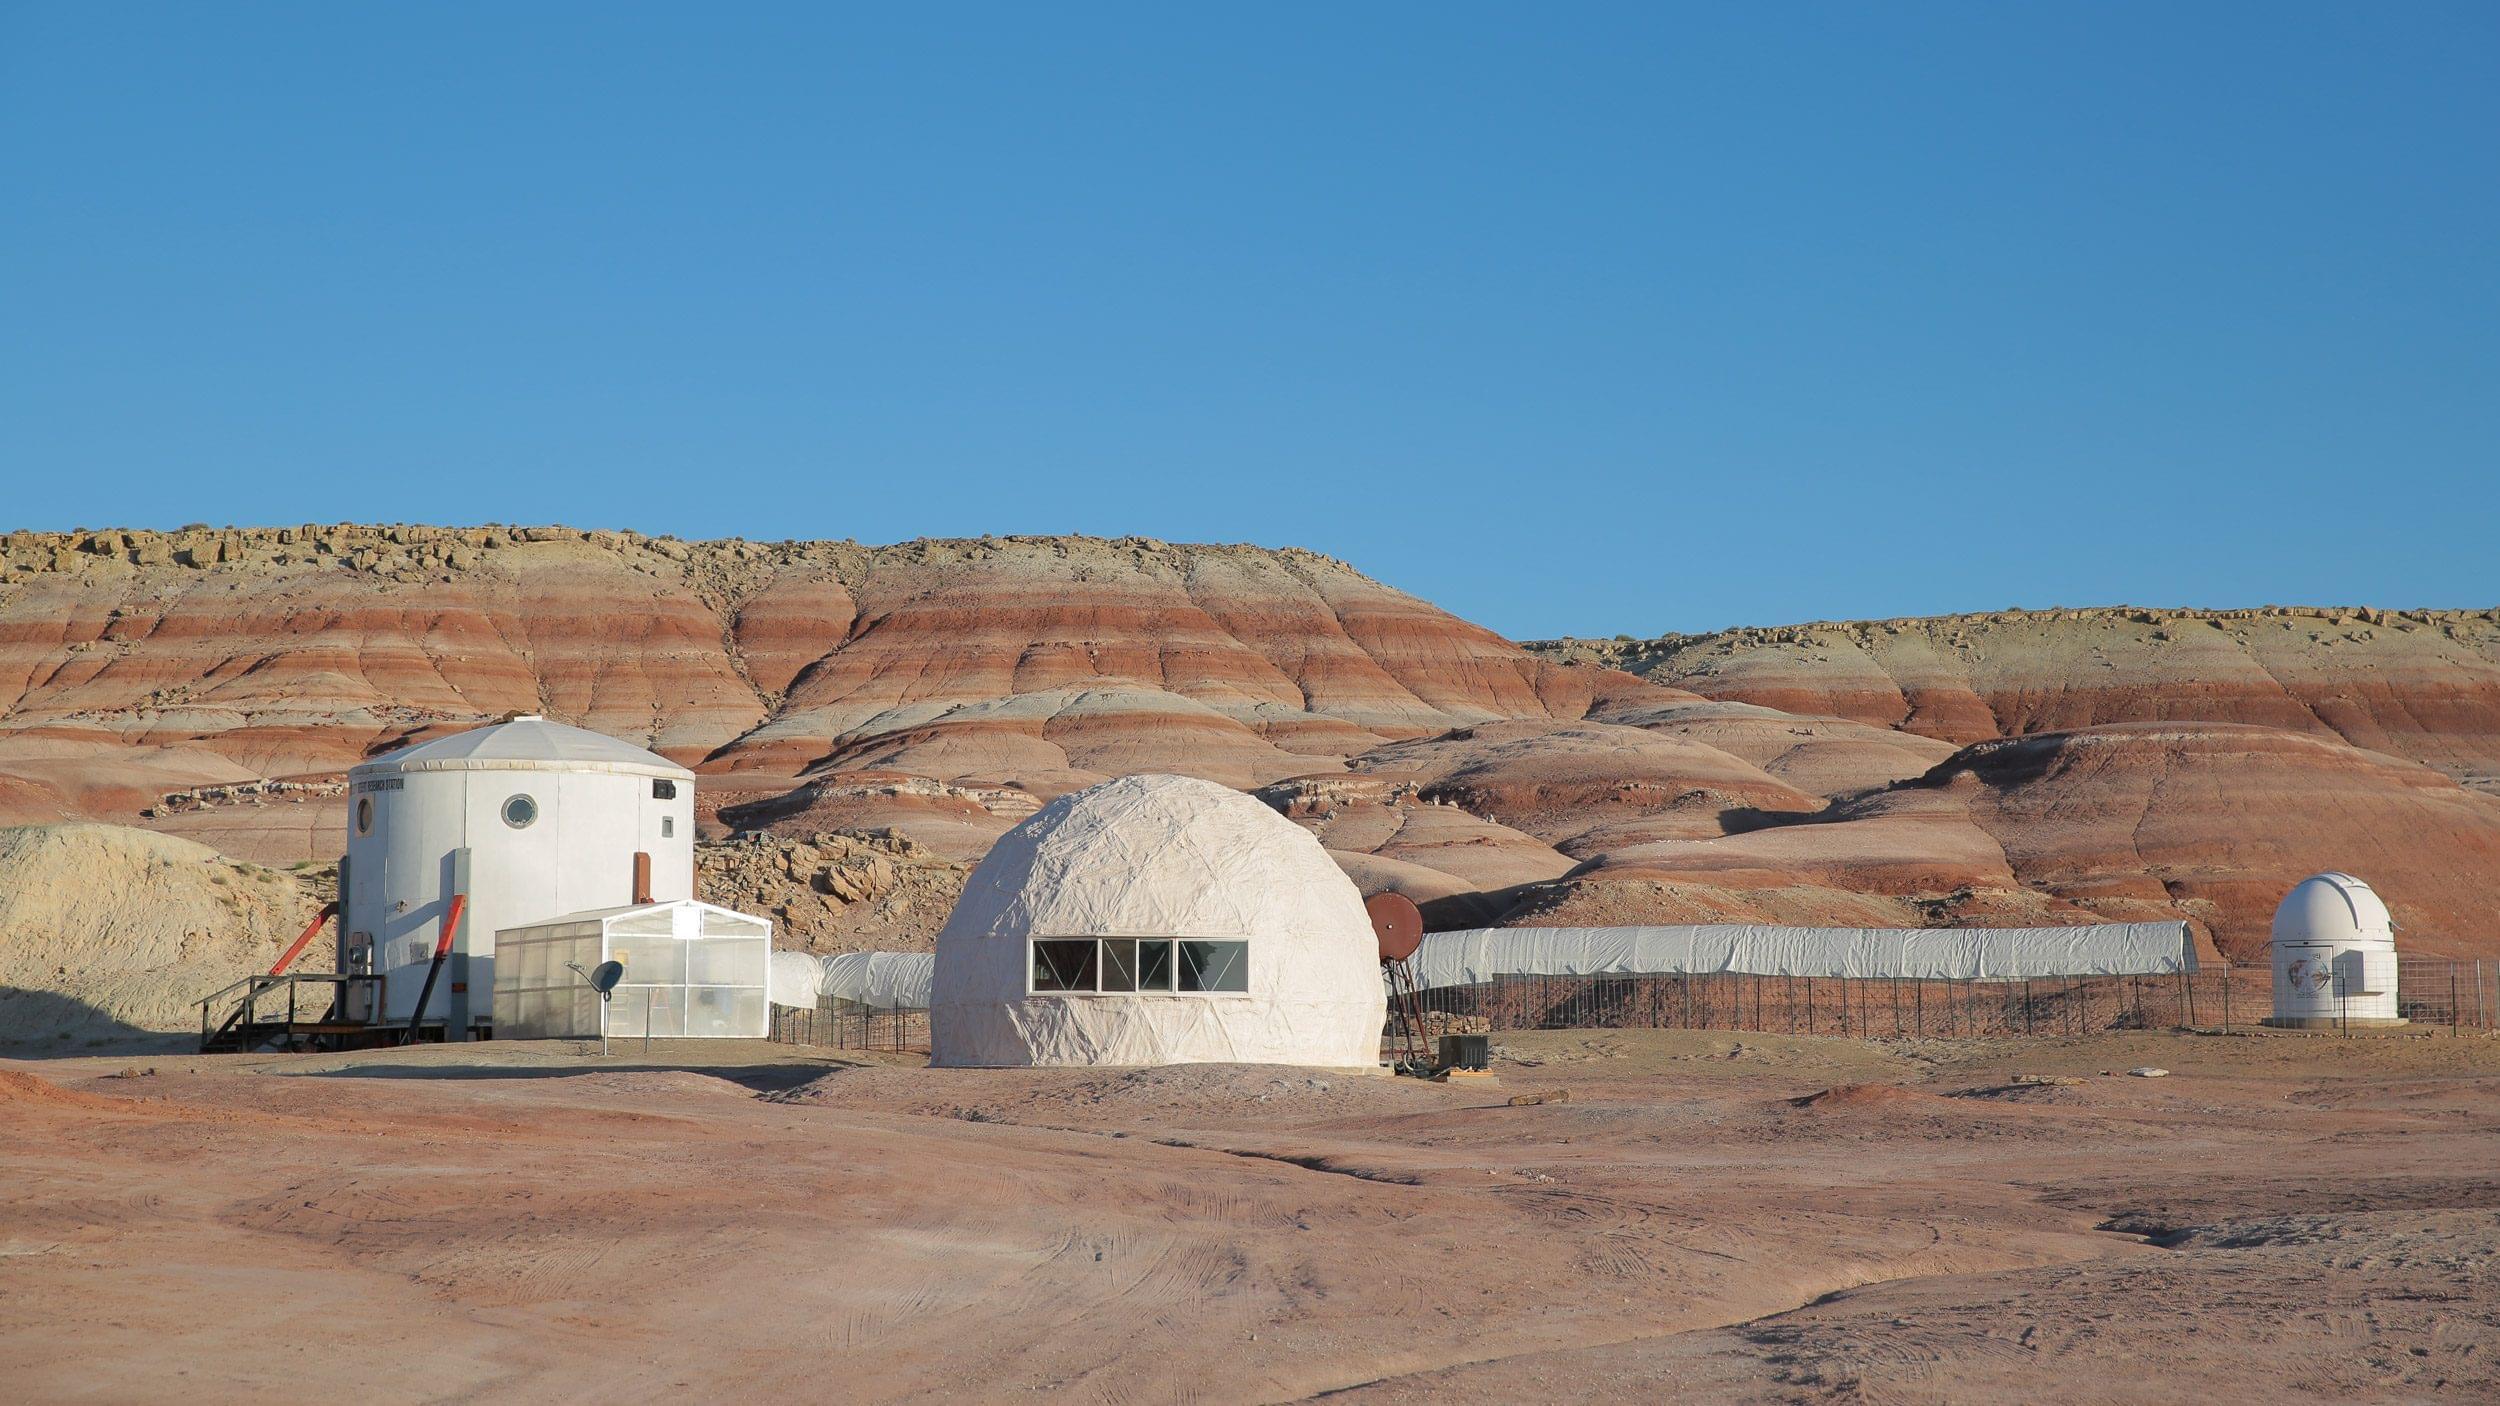 宜家设计师开脑洞:火星家具该长什么样子?